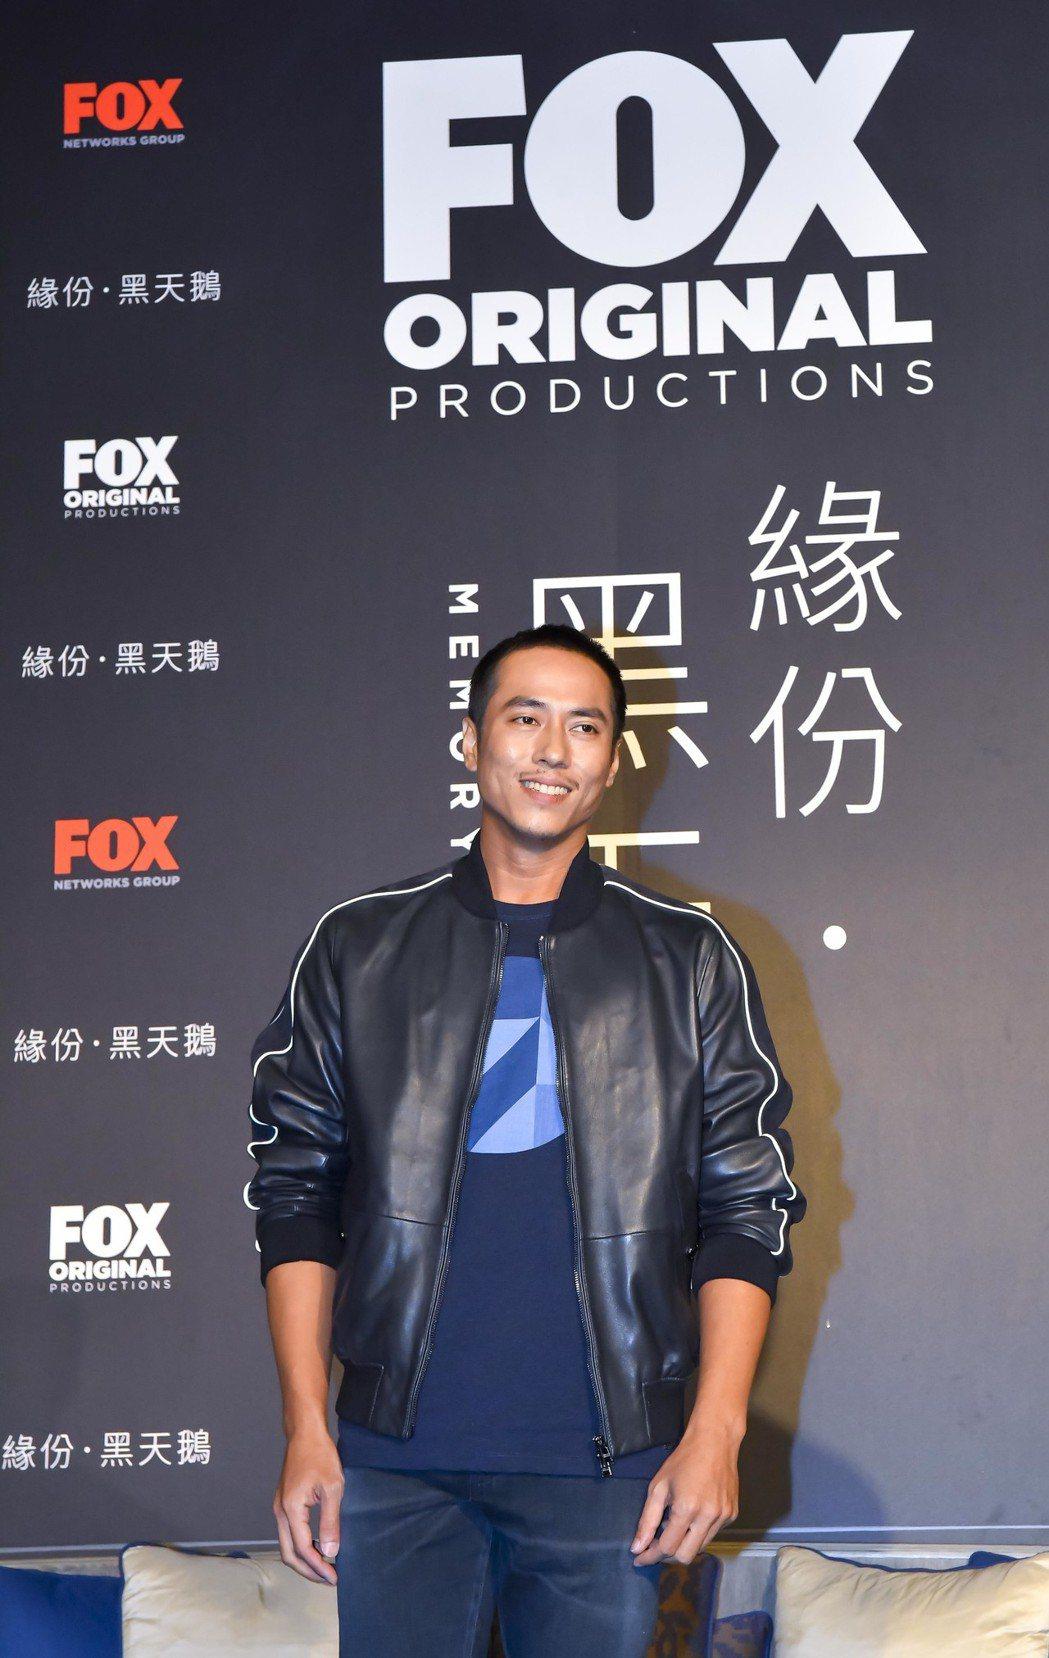 莊凱勛在「緣份·黑天鵝」影集中飾演格鬥拳擊手。圖/福斯傳媒集團提供